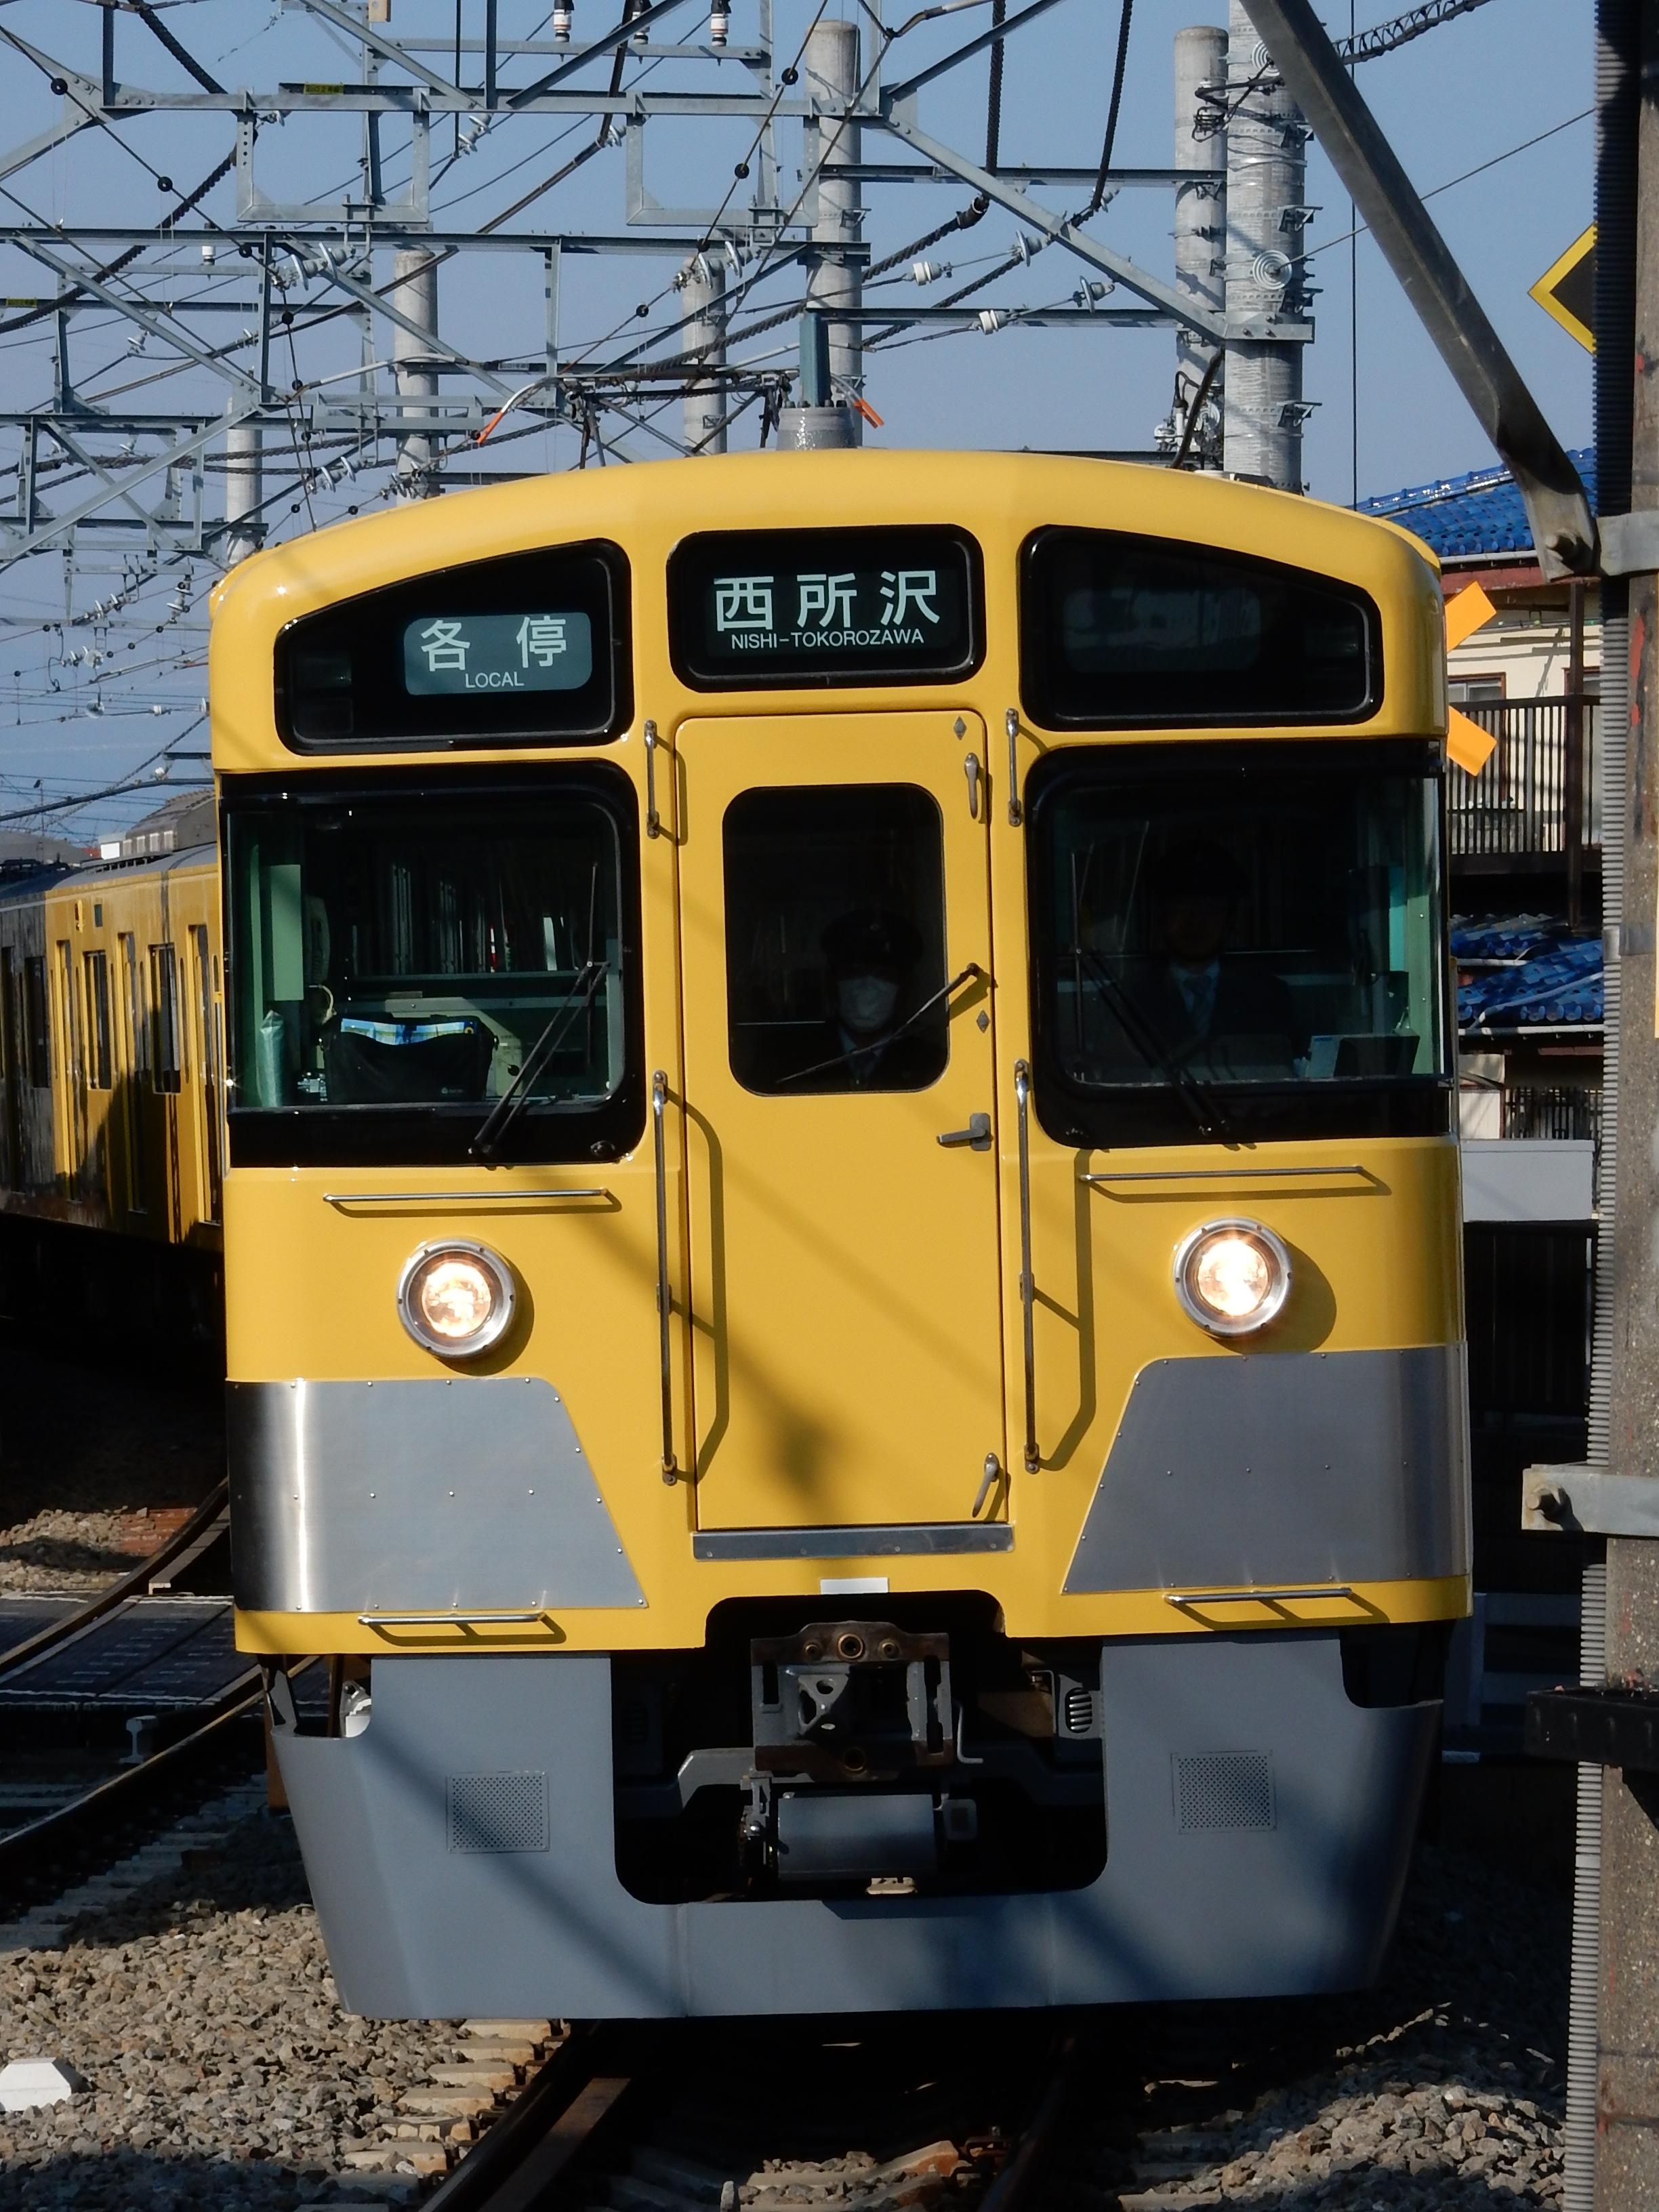 DSCN0824.jpg